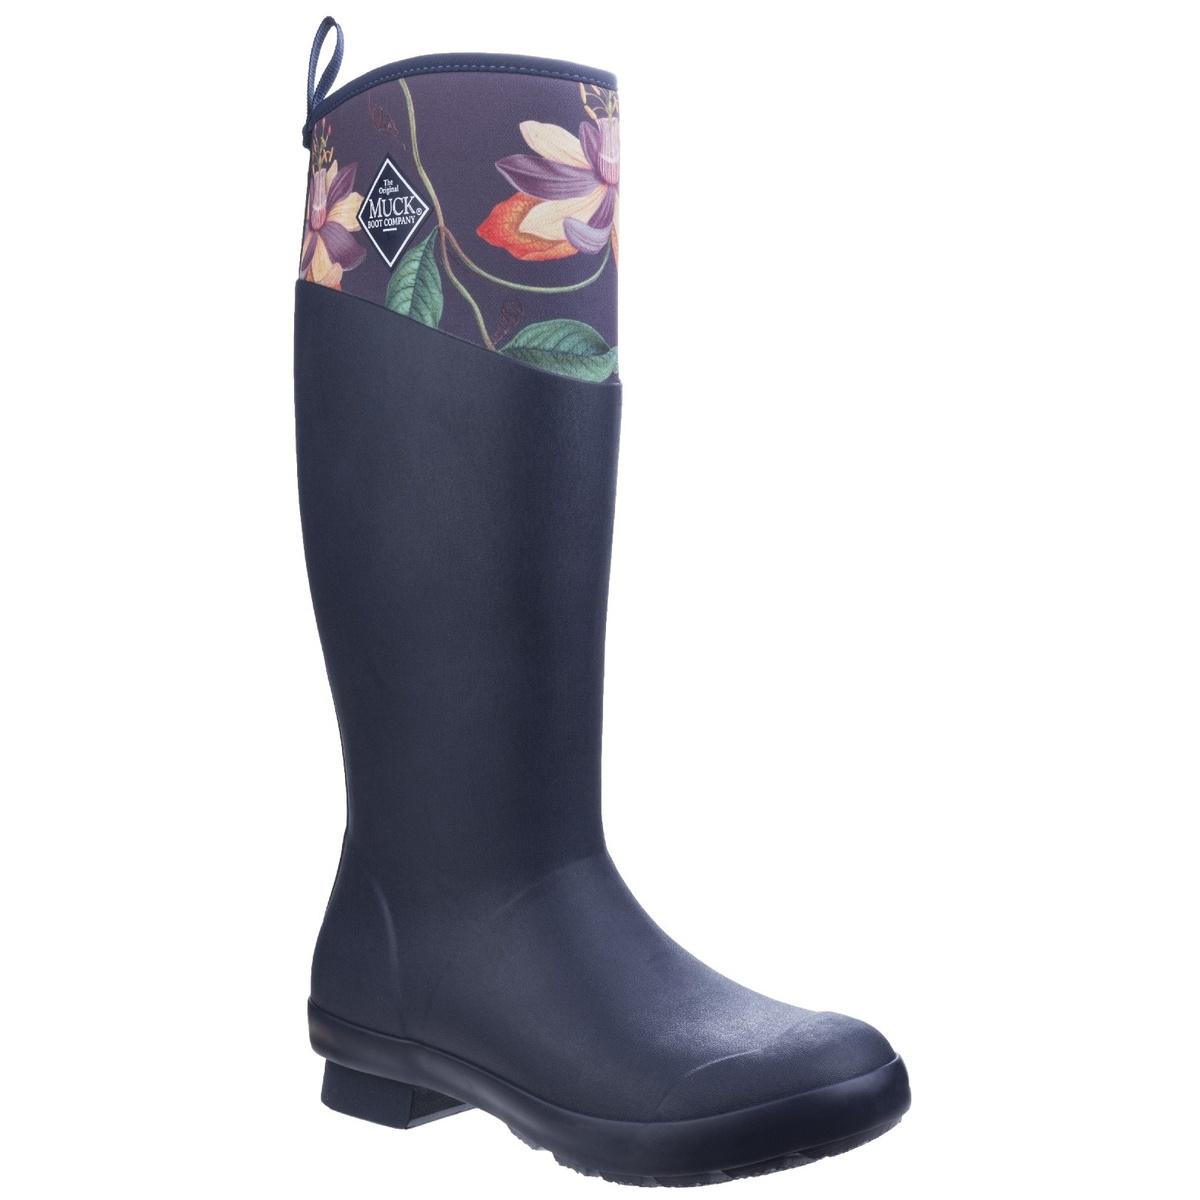 (マックブーツ) Muck Boots レディース Tremont RHS プリント柄 防水 ウェリントンブーツ 婦人長靴 ガーデニング 女性用 【海外直送】